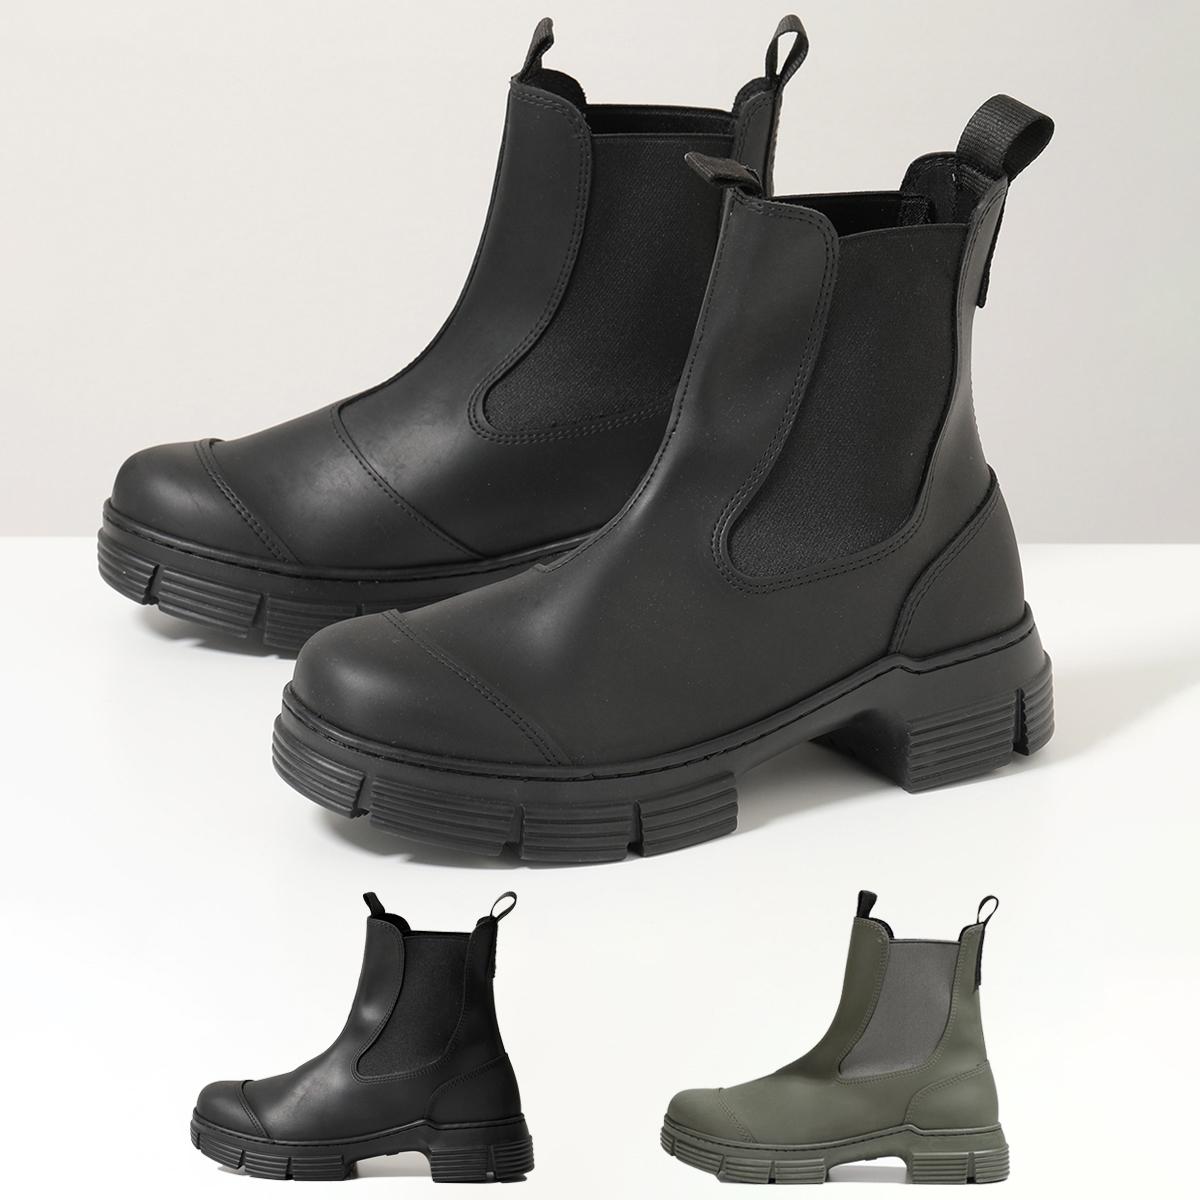 2021年秋冬新作 GANNI ガニー S1526 4628 本物 チェルシーブーツ ショートブーツ Black レディース ラバー 靴 サイドゴア 無料 099